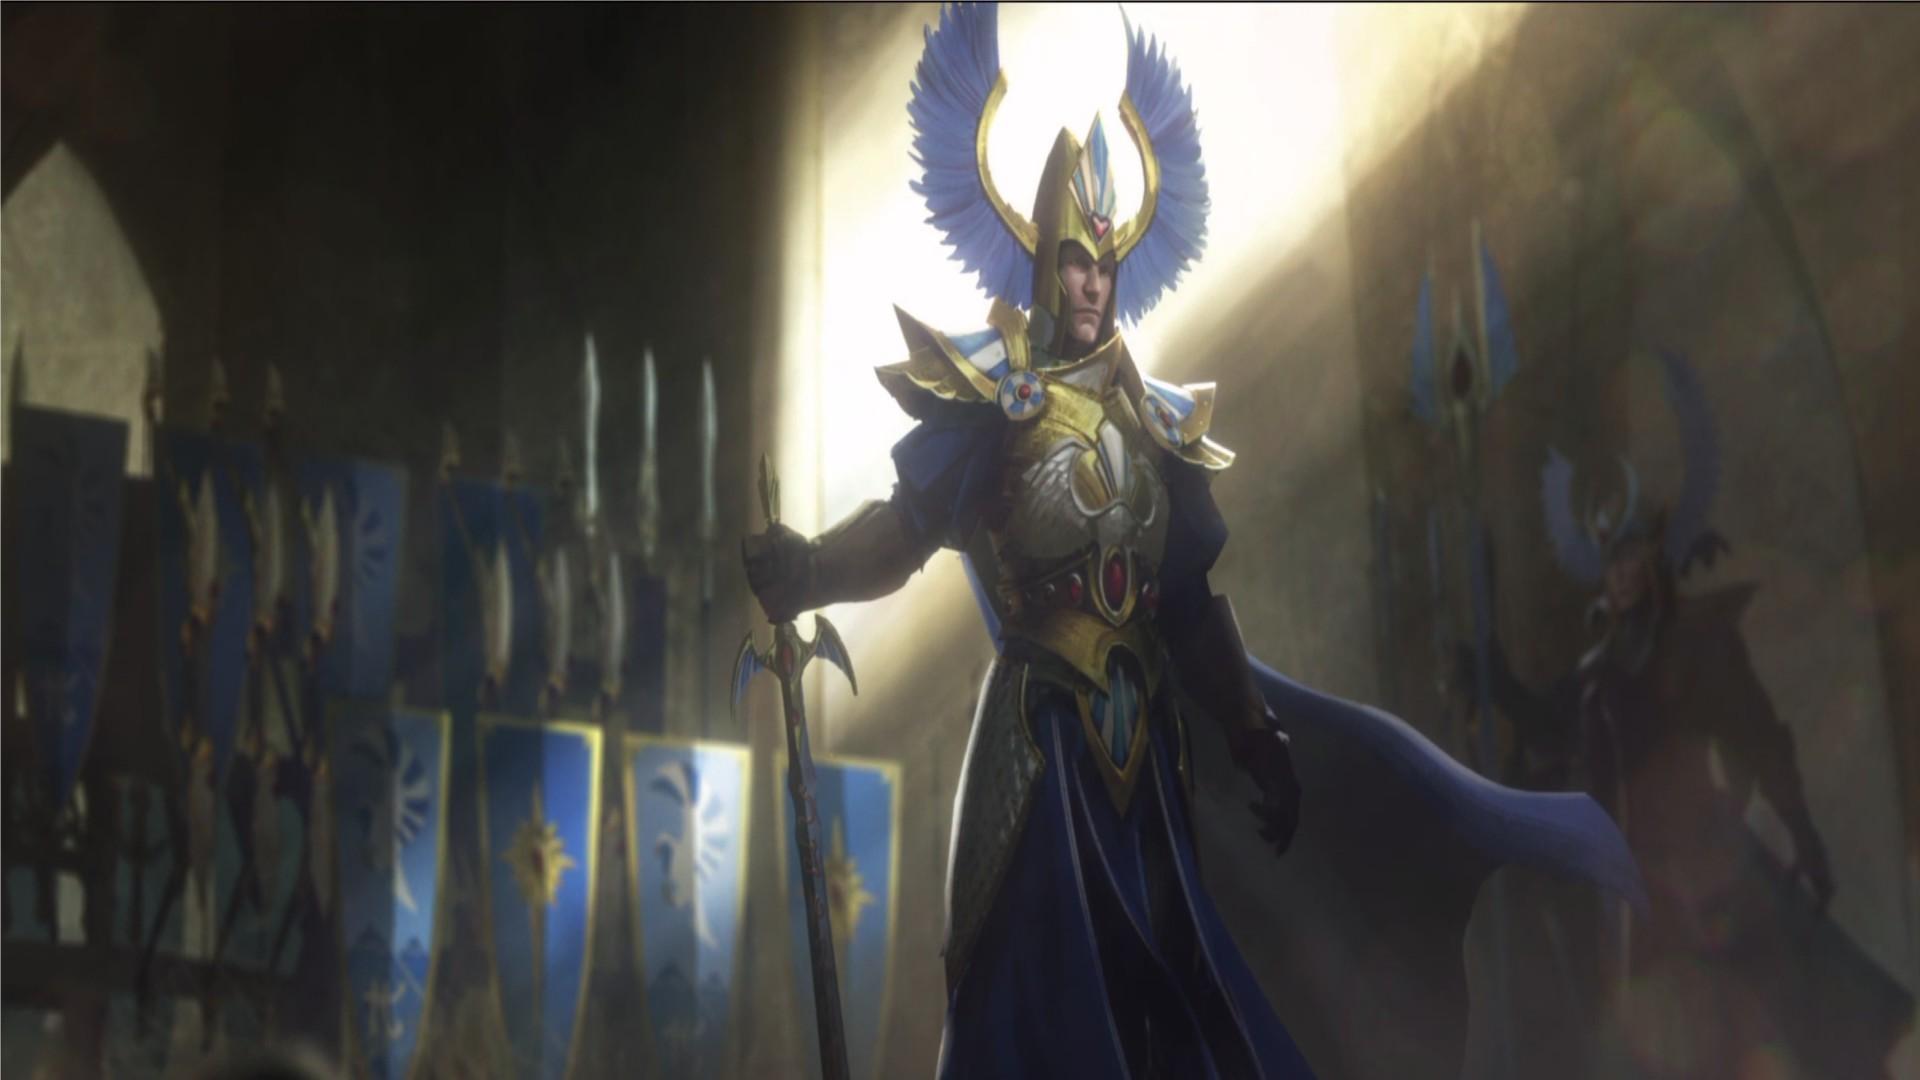 Total War Warhammer Ii Warhammer 2 Eltharion The Grim Athel Tamarha Upgrades Guide Prisoner Interrogation Warden's Supplies